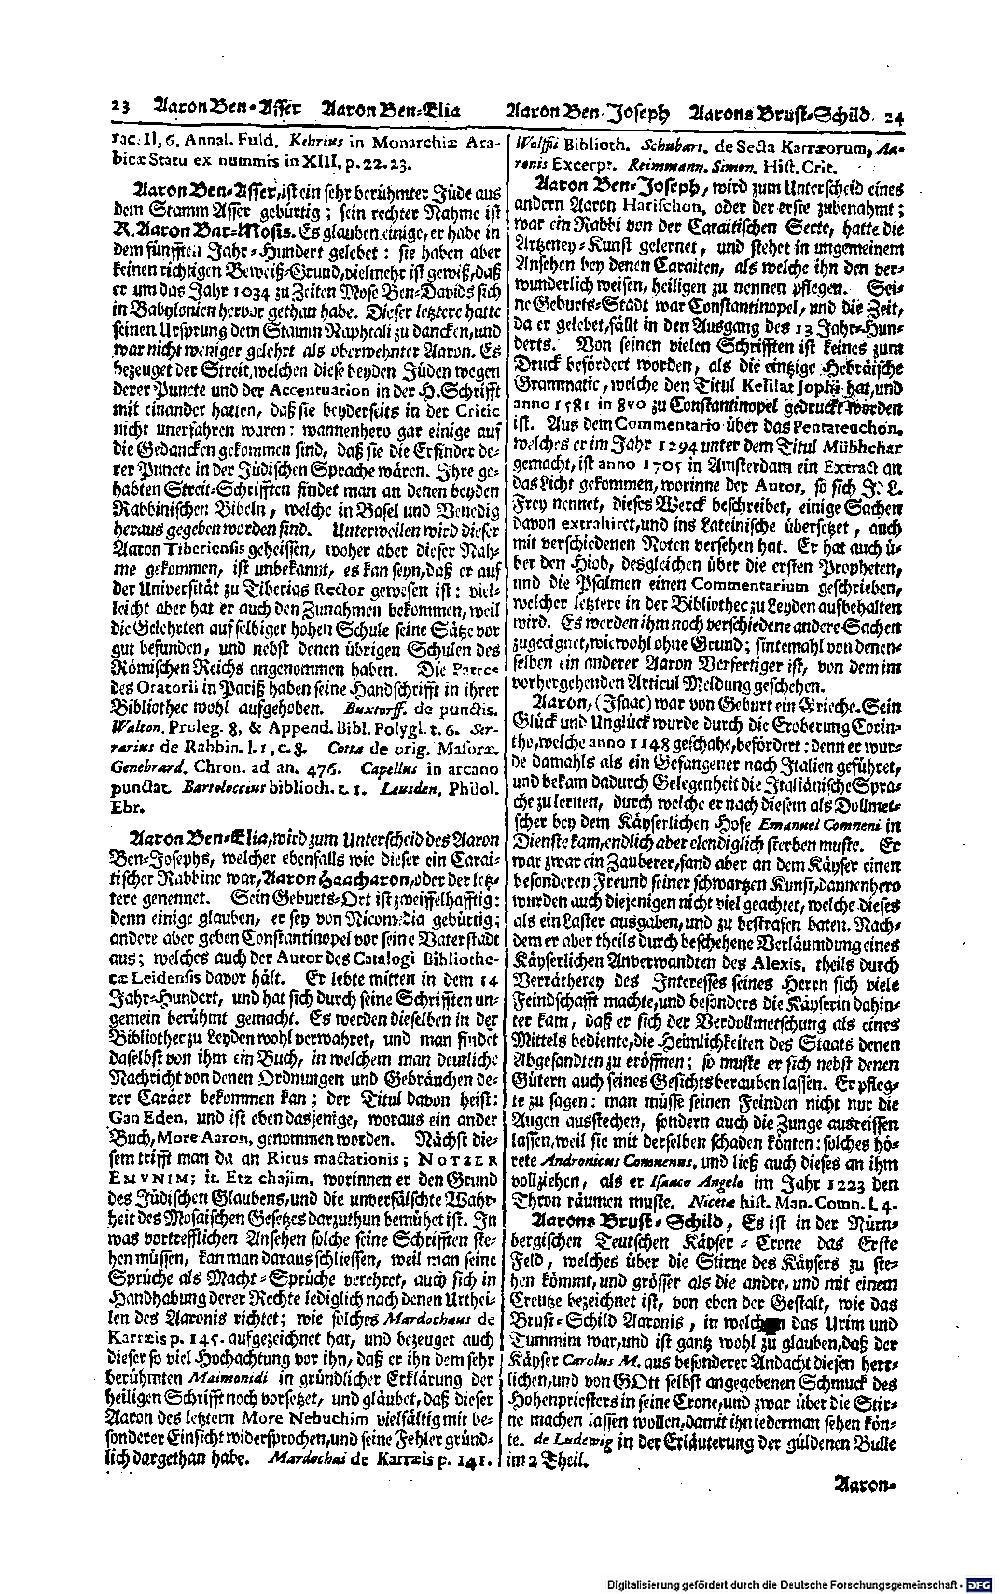 Bd. 1, Seite 0051.